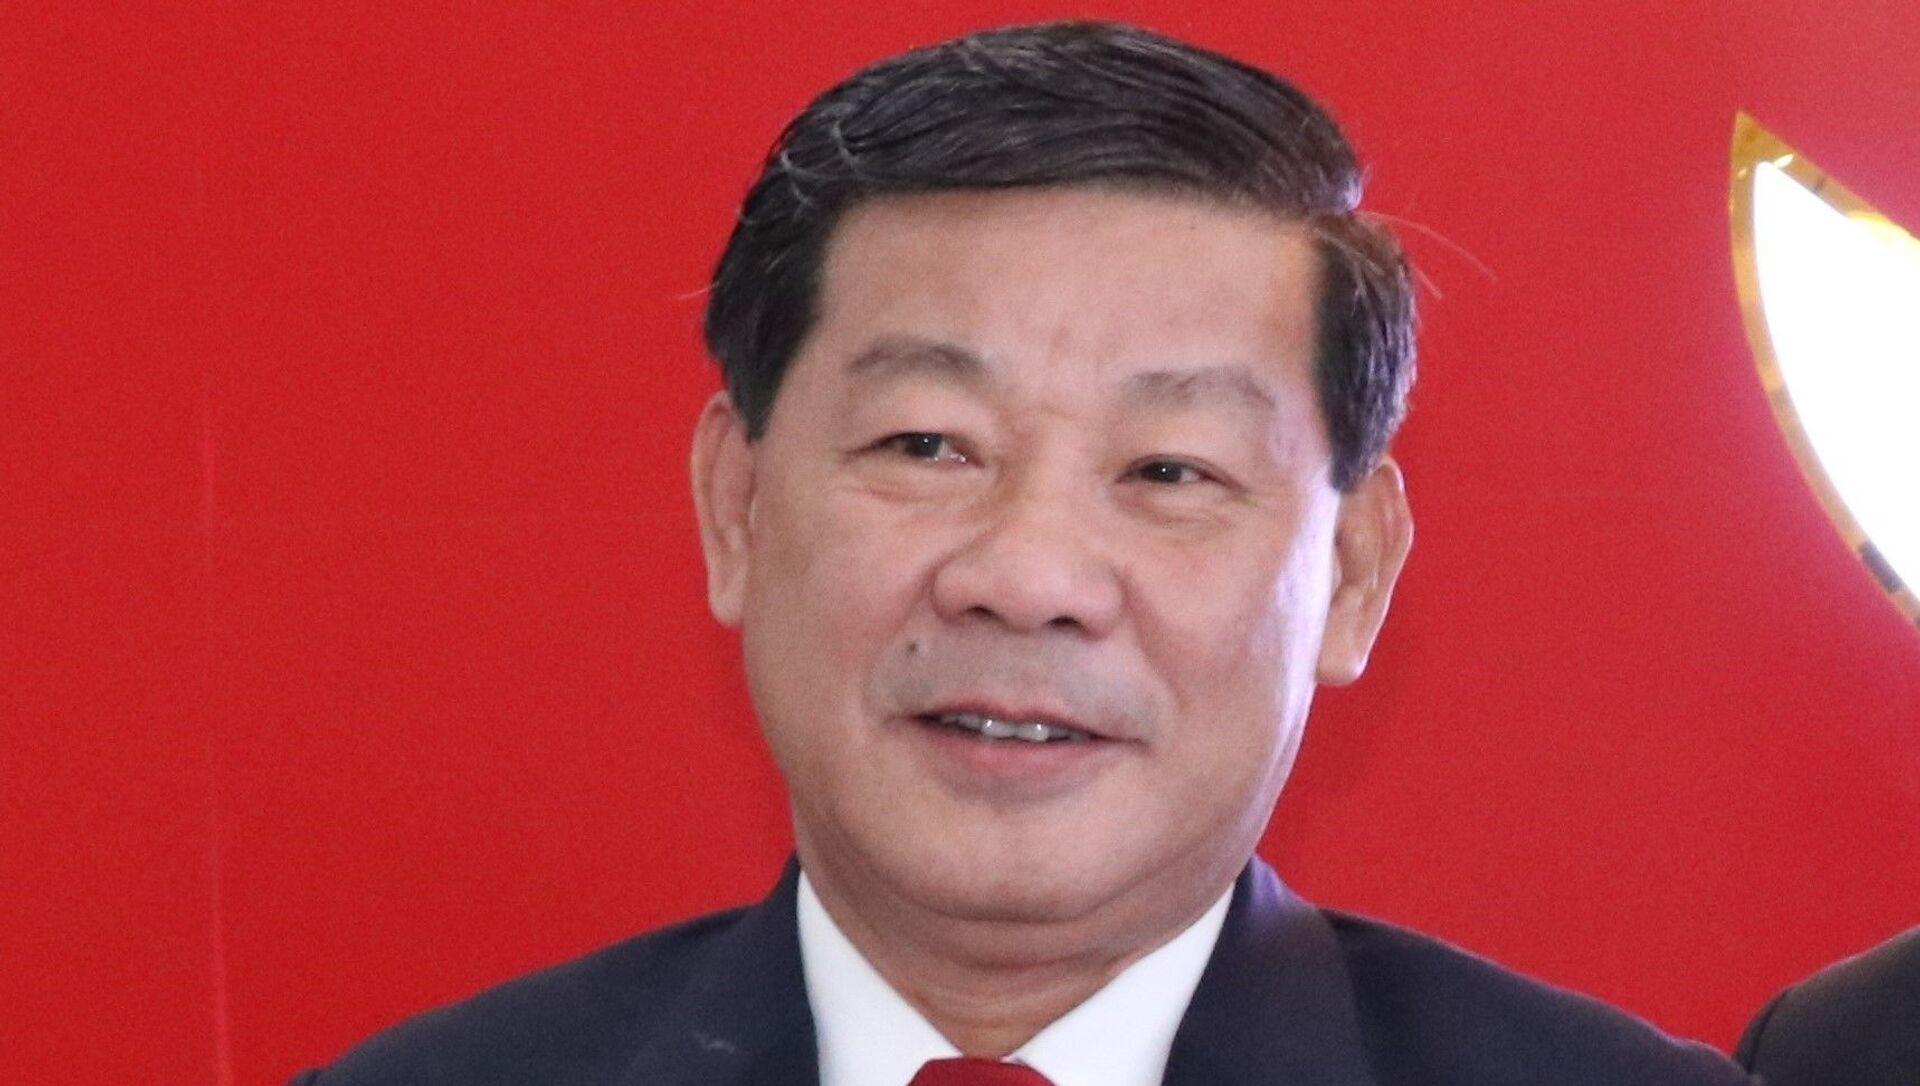 Ông Trần Thanh Liêm, nguyên Chủ tịch UBND tỉnh Bình Dương. - Sputnik Việt Nam, 1920, 30.06.2021